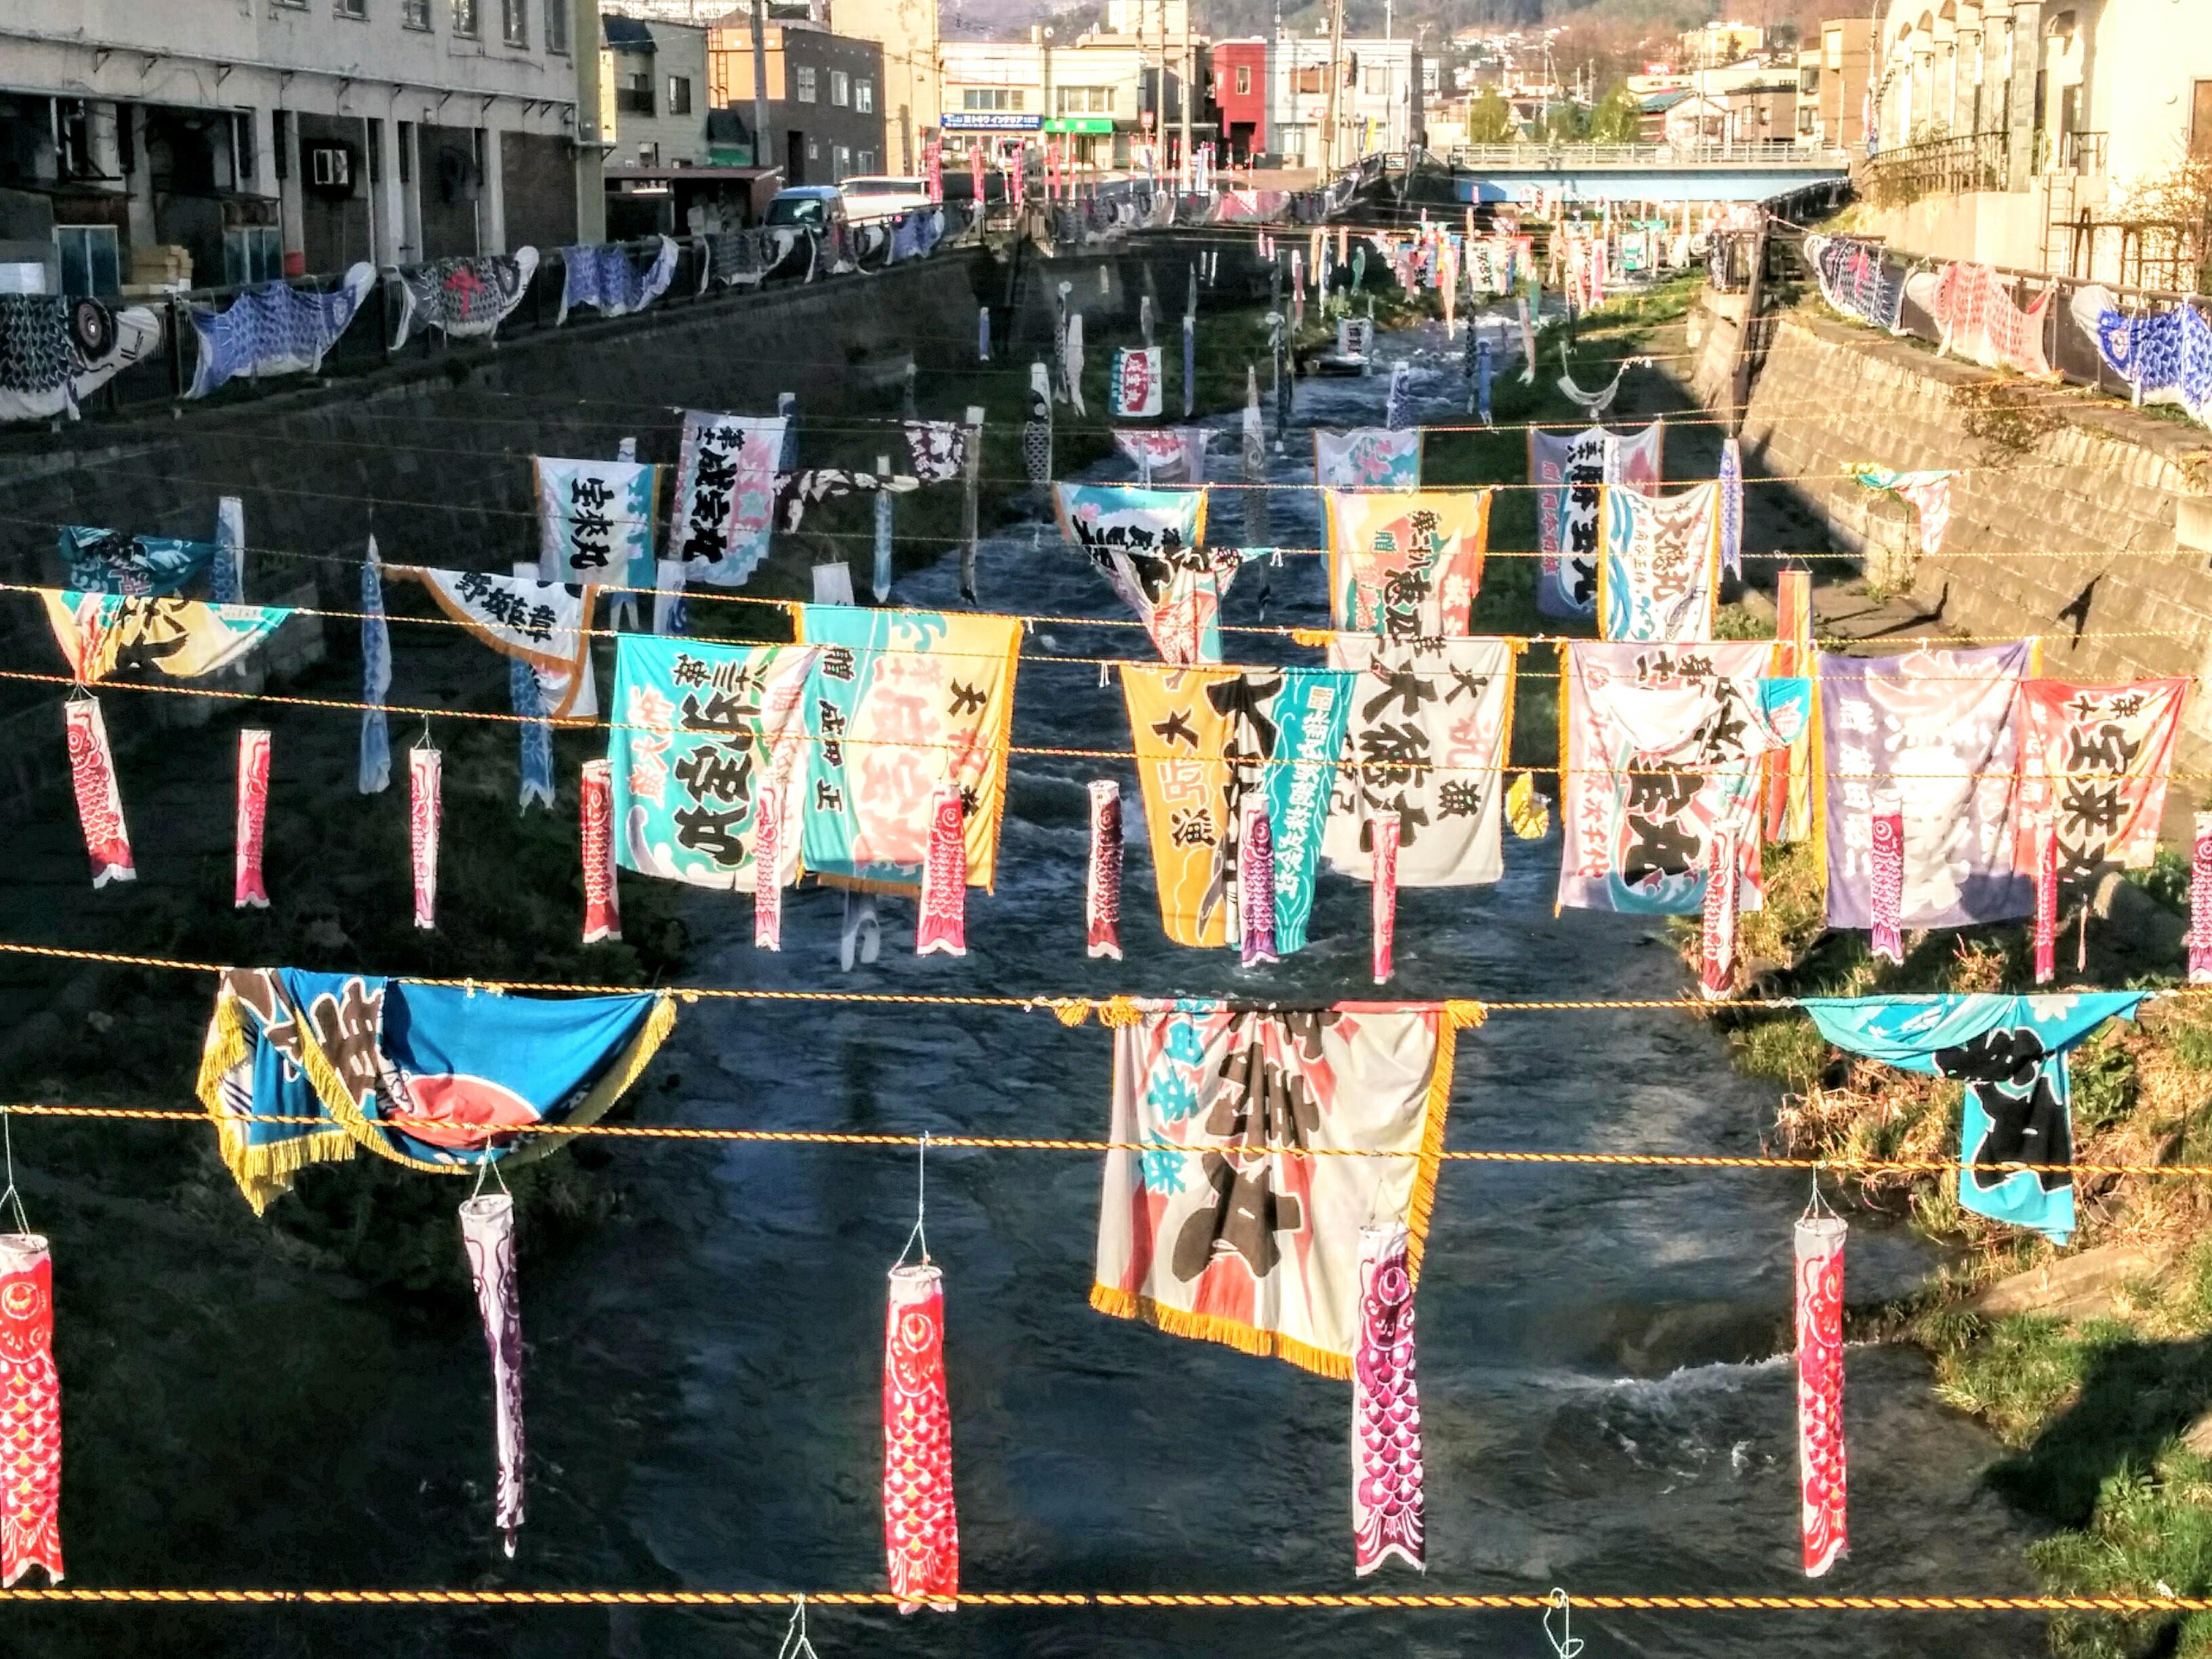 【小樽】鯉のぼり五月五日のこどもの日観光タクシー